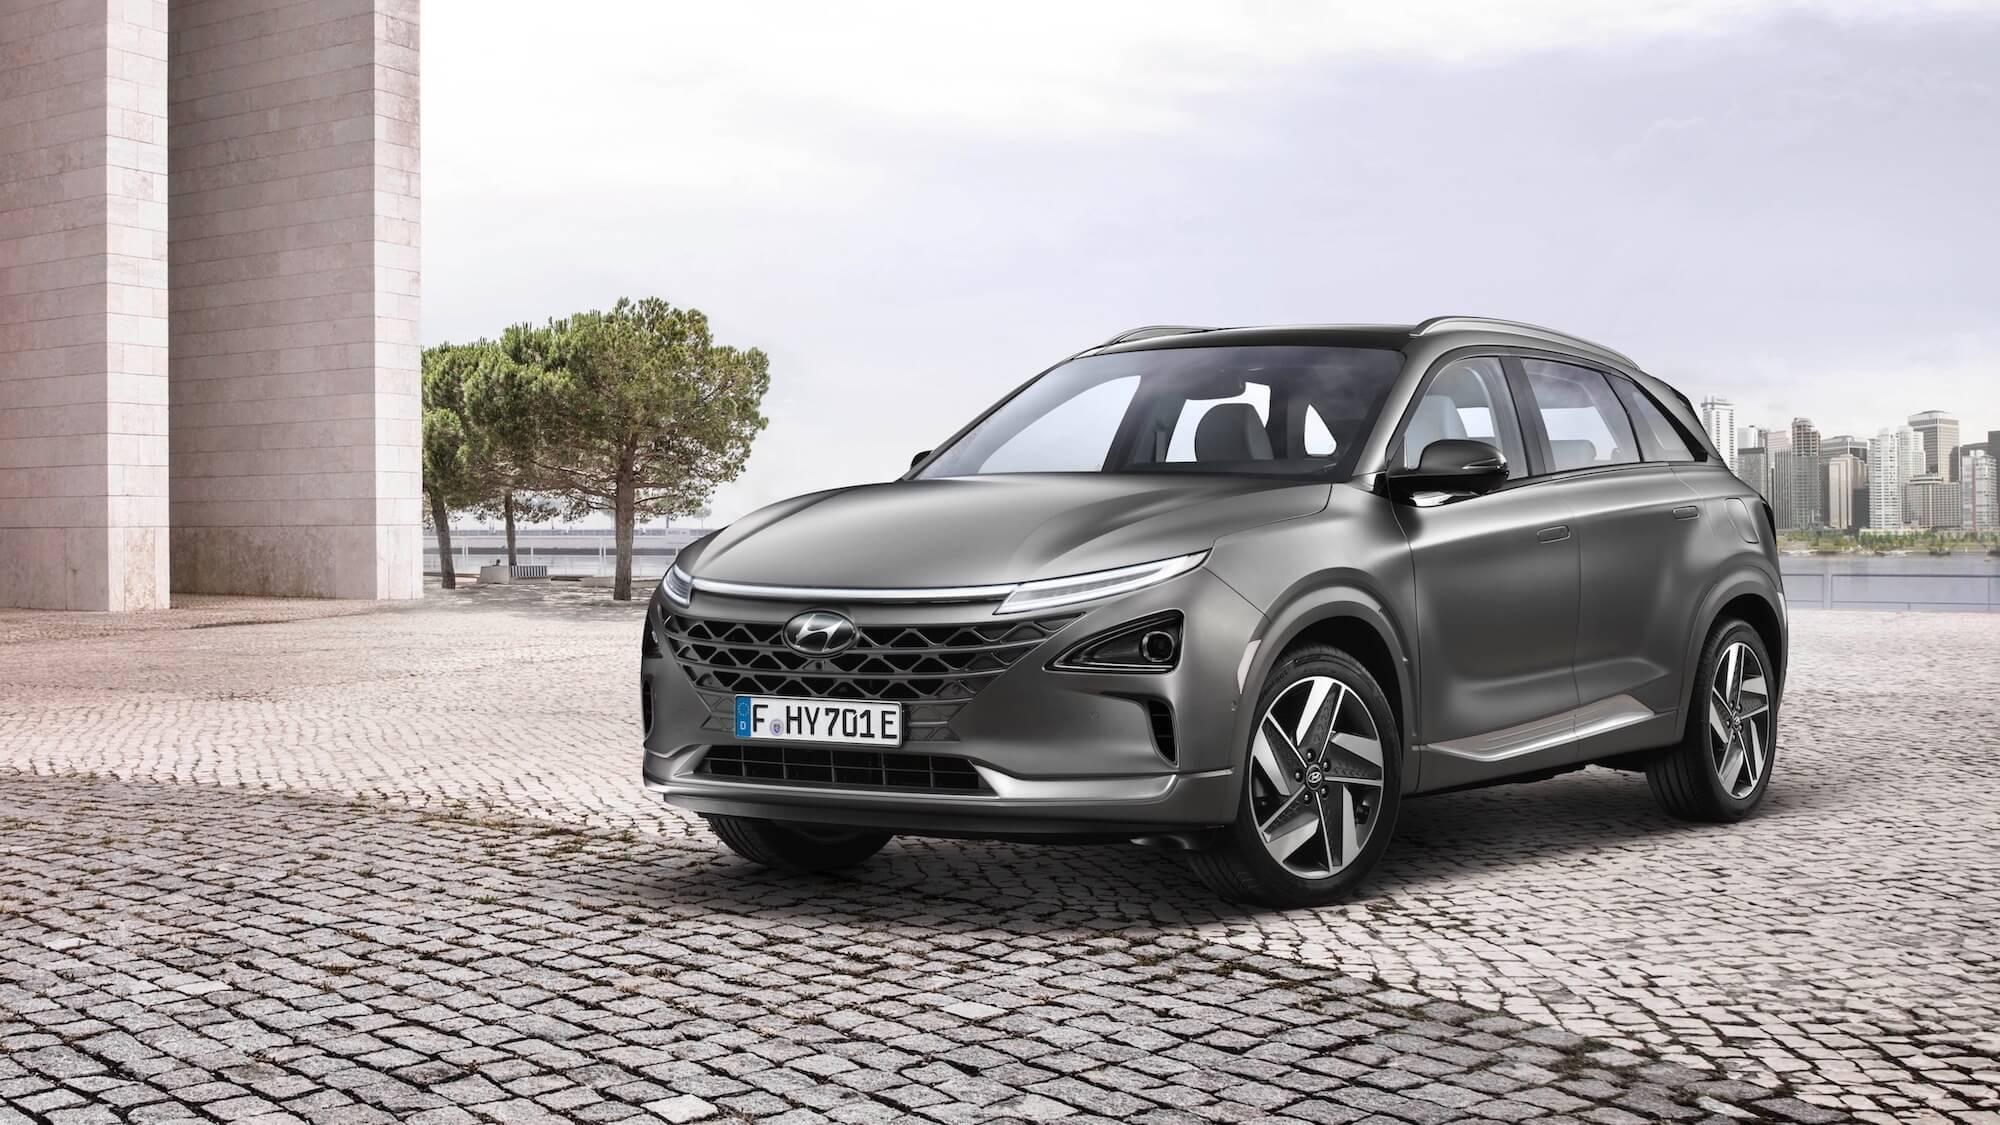 Hyundai Nexo grey